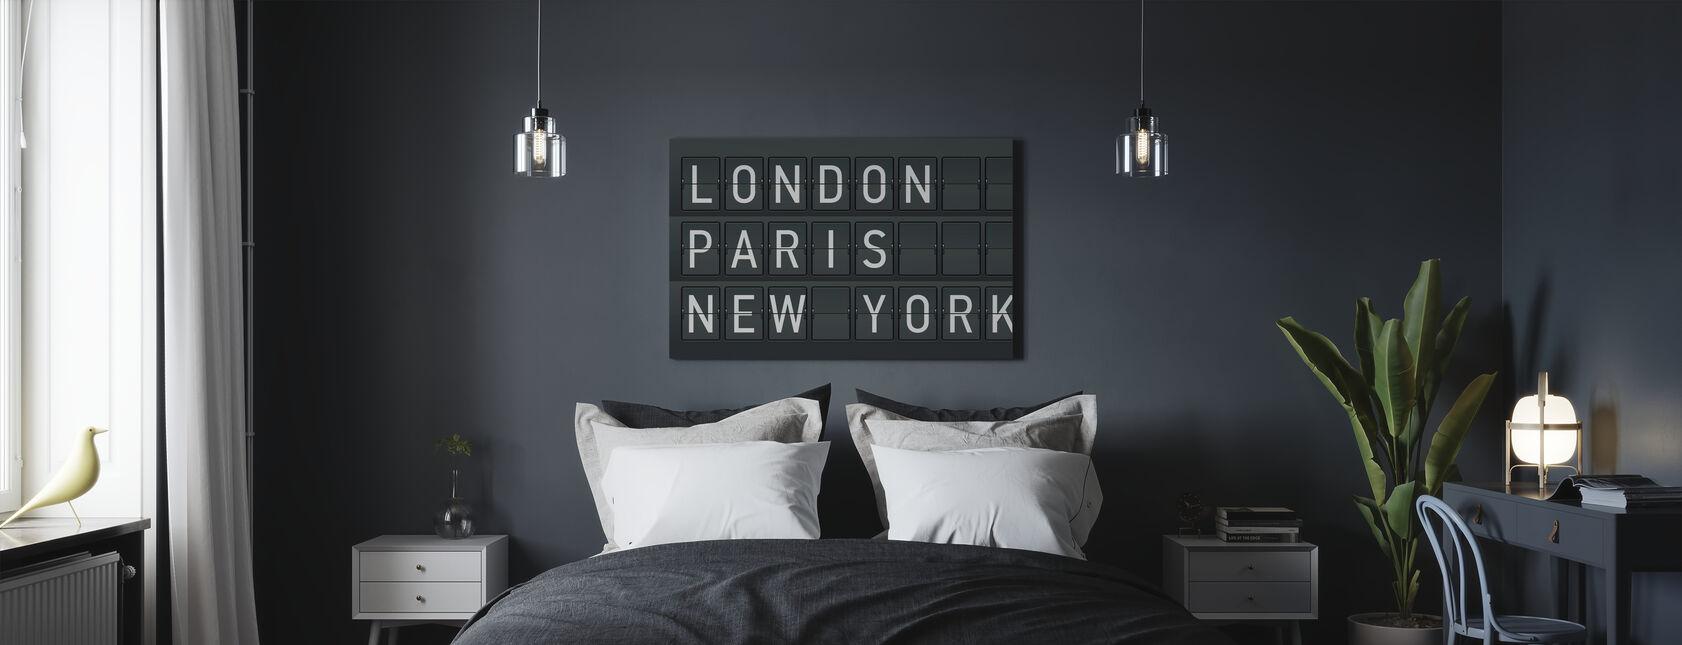 Londres - Paris - New York - Impression sur toile - Chambre